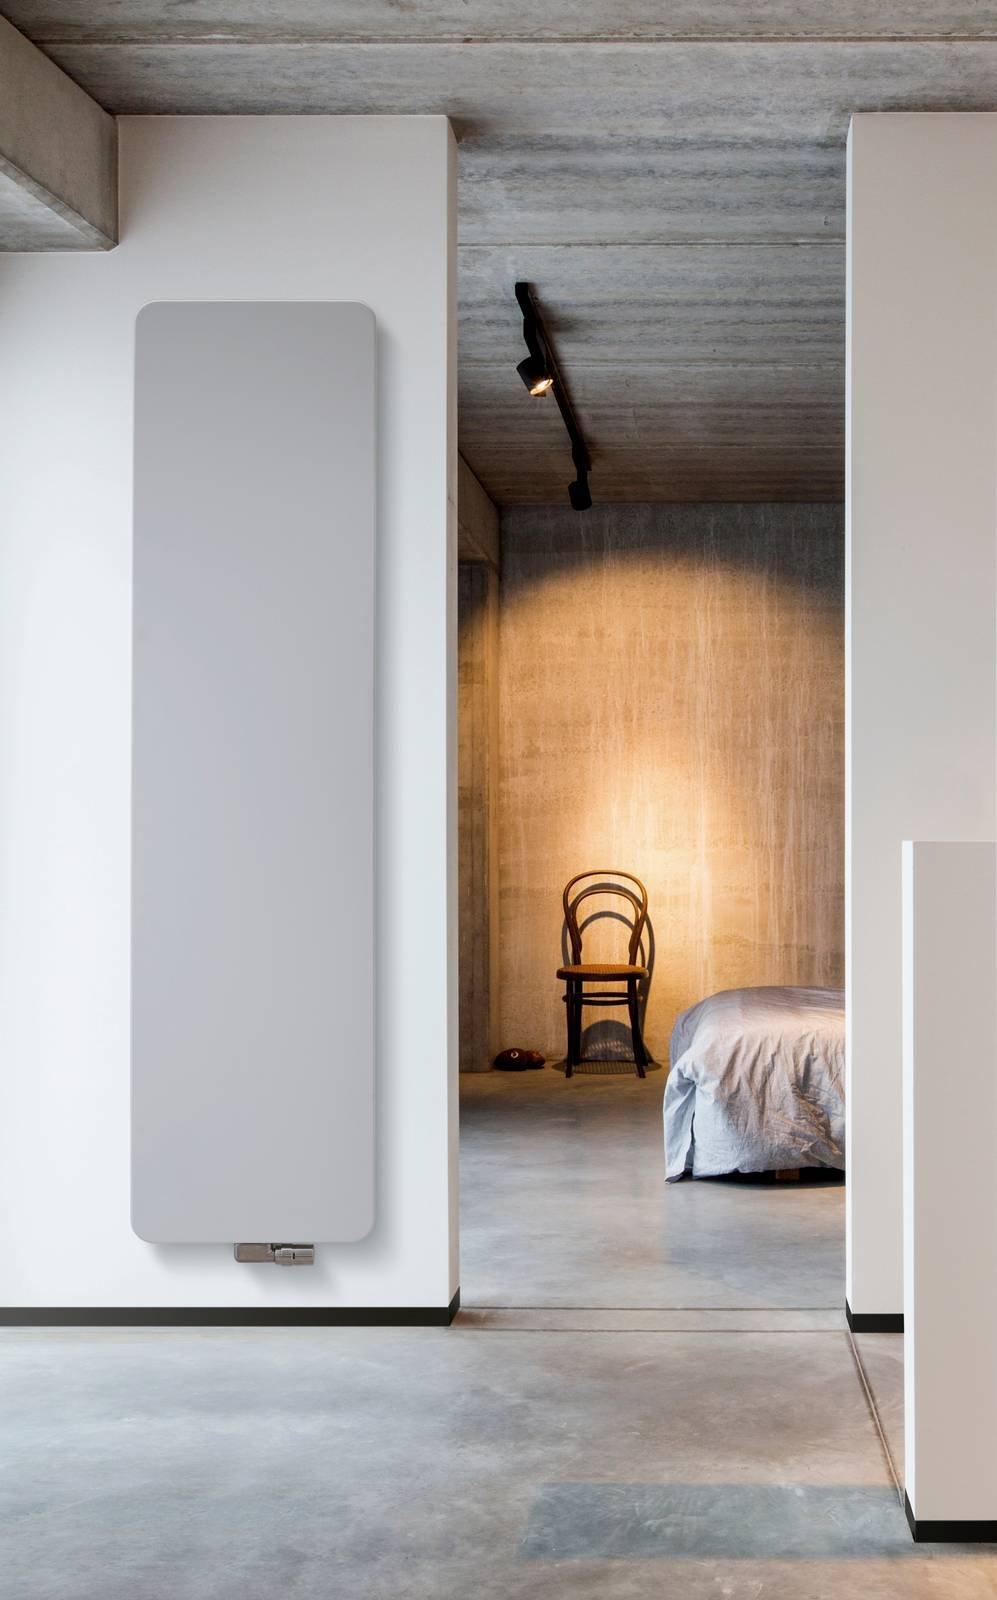 Termoarredo tra estetica e funzione le proposte dal - Scaldare il bagno elettricamente ...